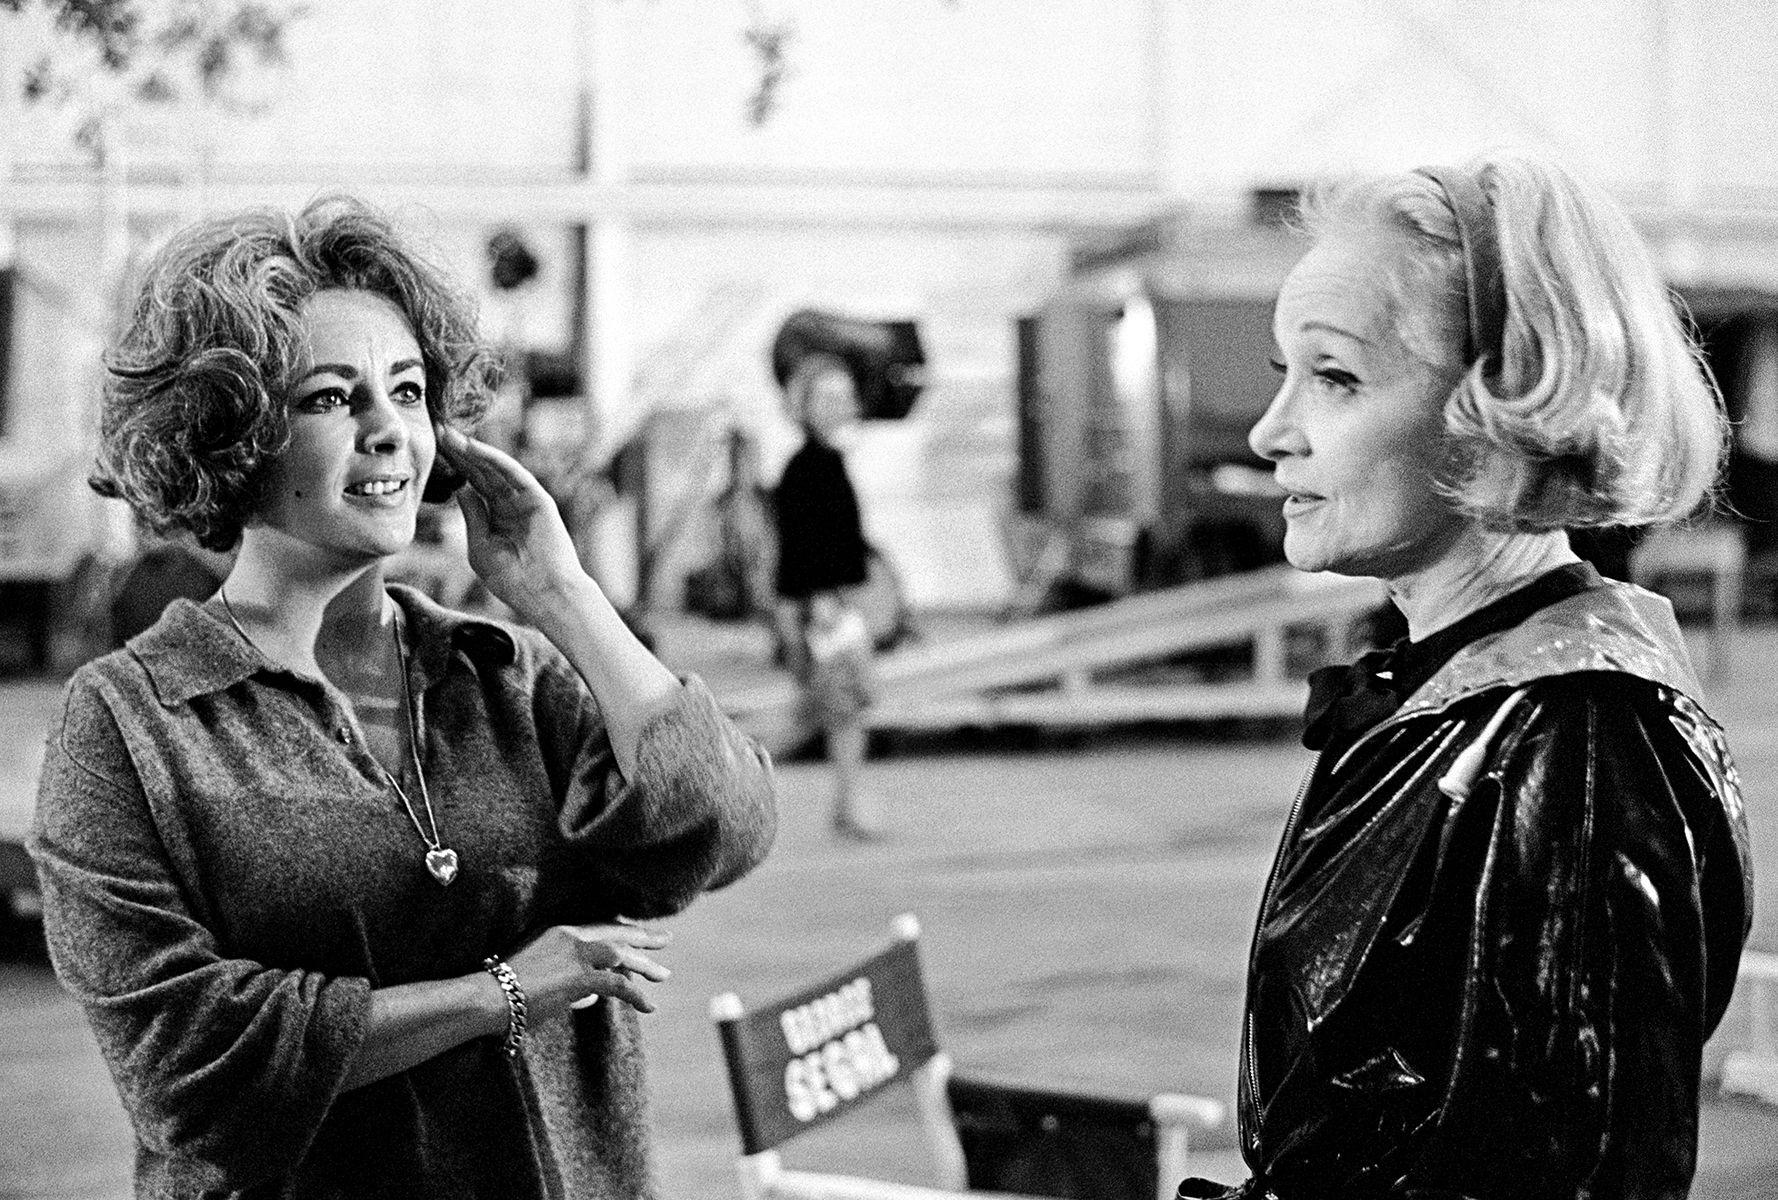 Liz Taylor, Marlene Dietrich